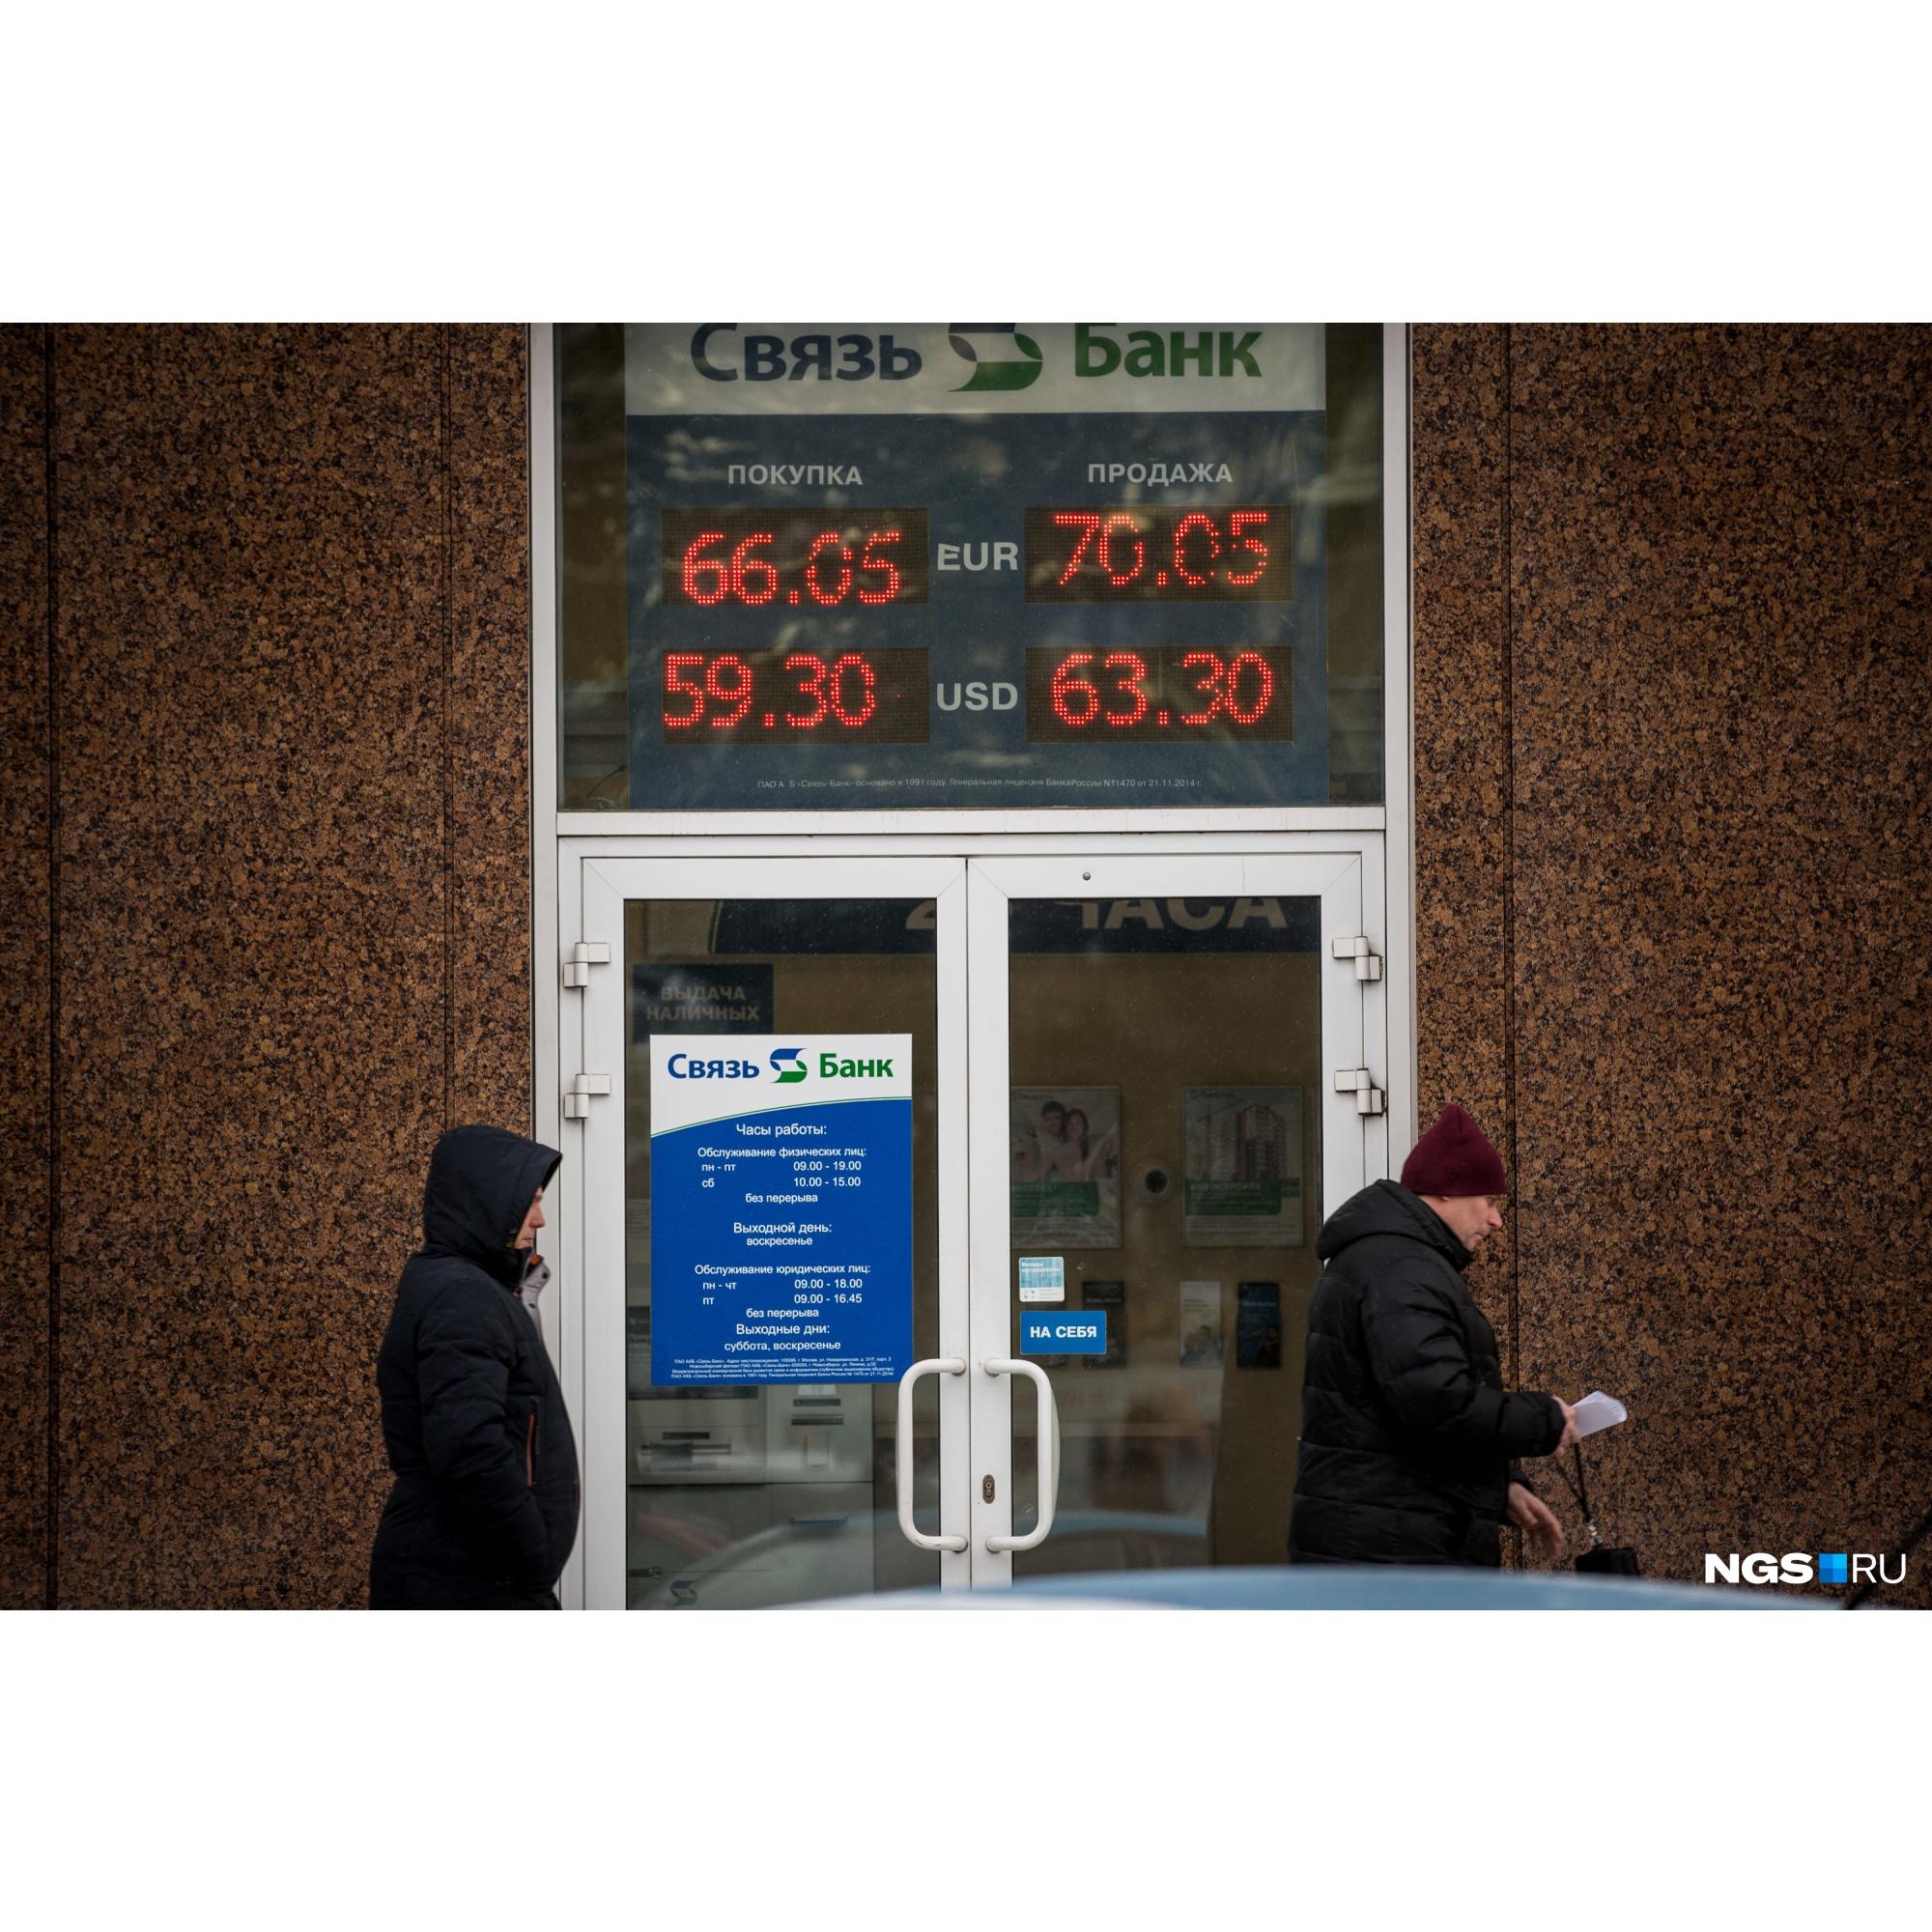 Многие эксперты предполагают, что курс доллара в 2020 году будет чуть ниже 60 рублей